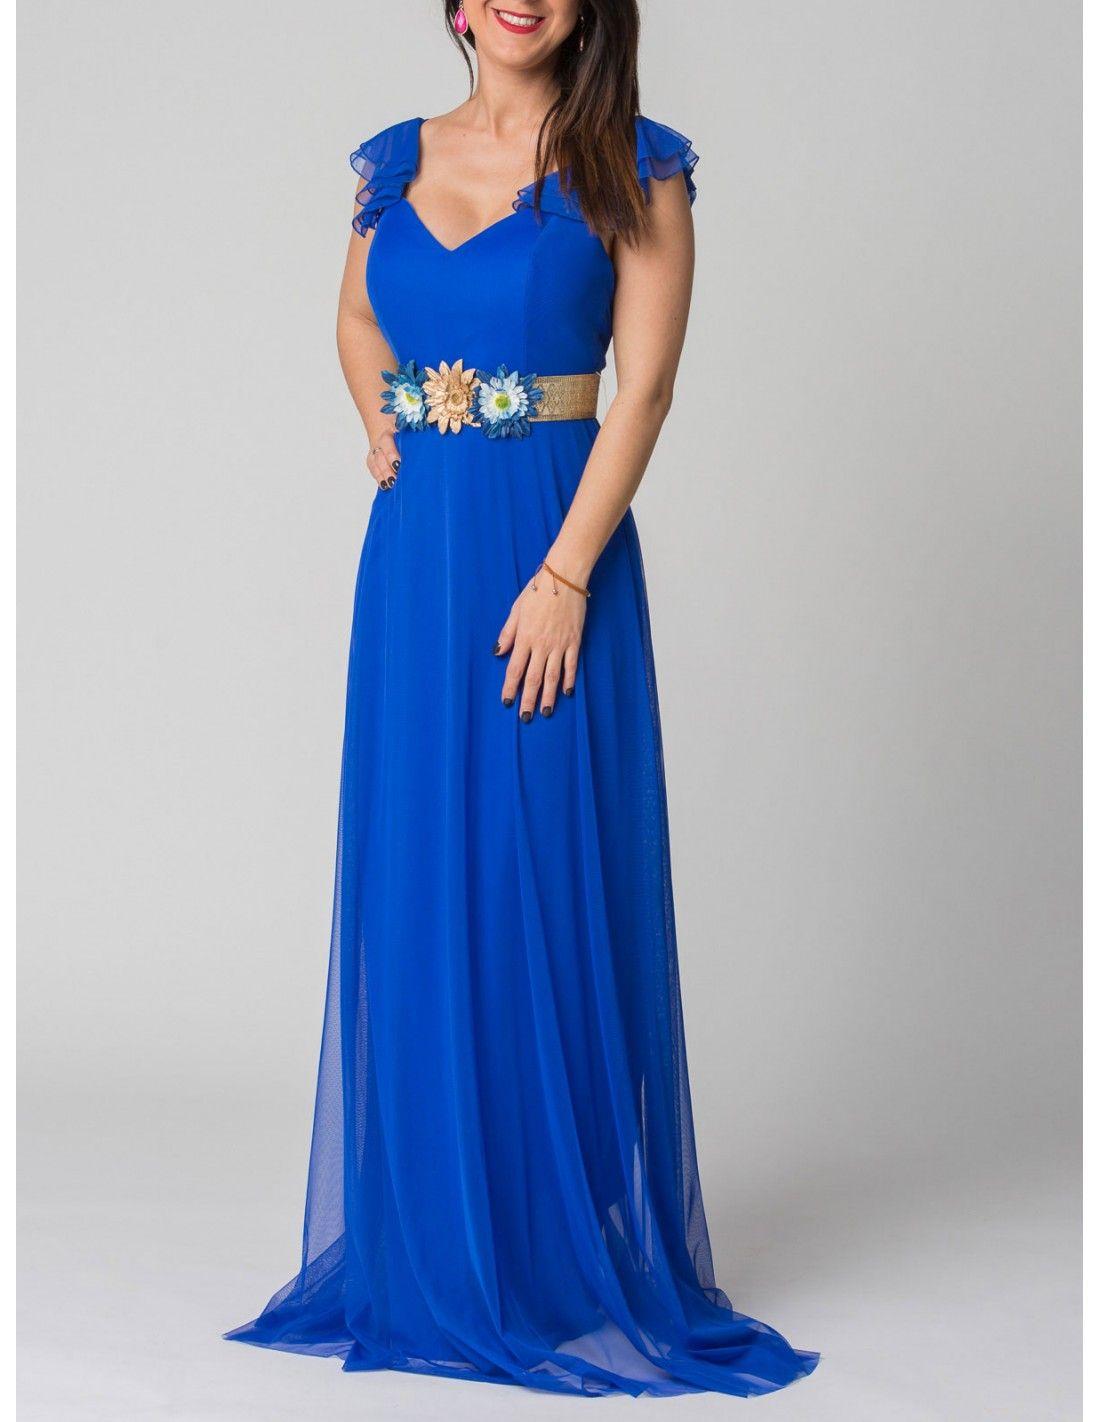 d8175faef9aa0 Vestido Gilda - Vestido de tul en color azul klein. Escote en pico. Detalle